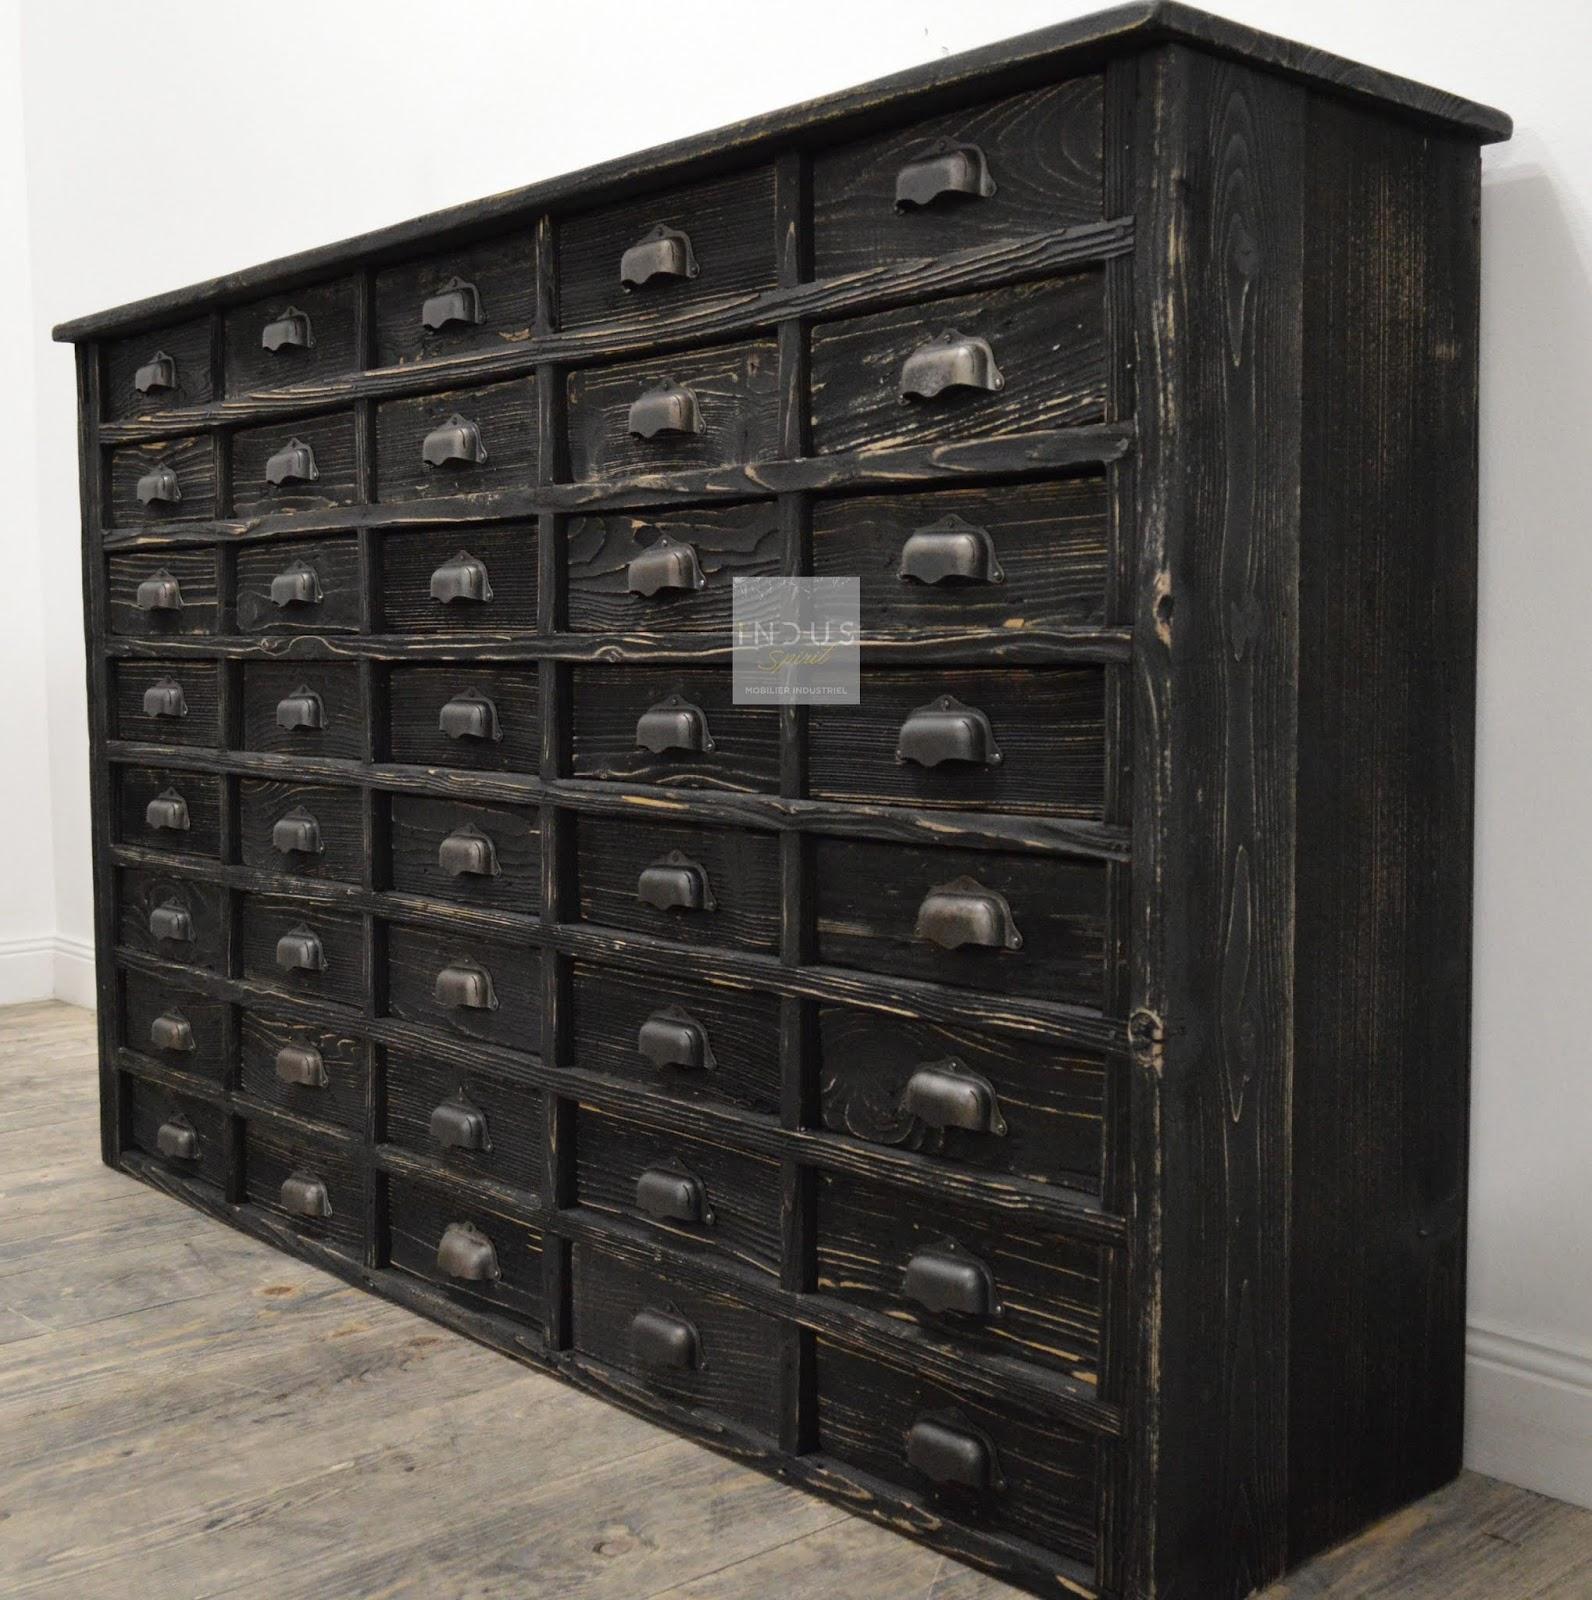 Meuble industriel d coration industrielle meuble de m tier lyon boutique indus spirit - Restauration meuble industriel ...